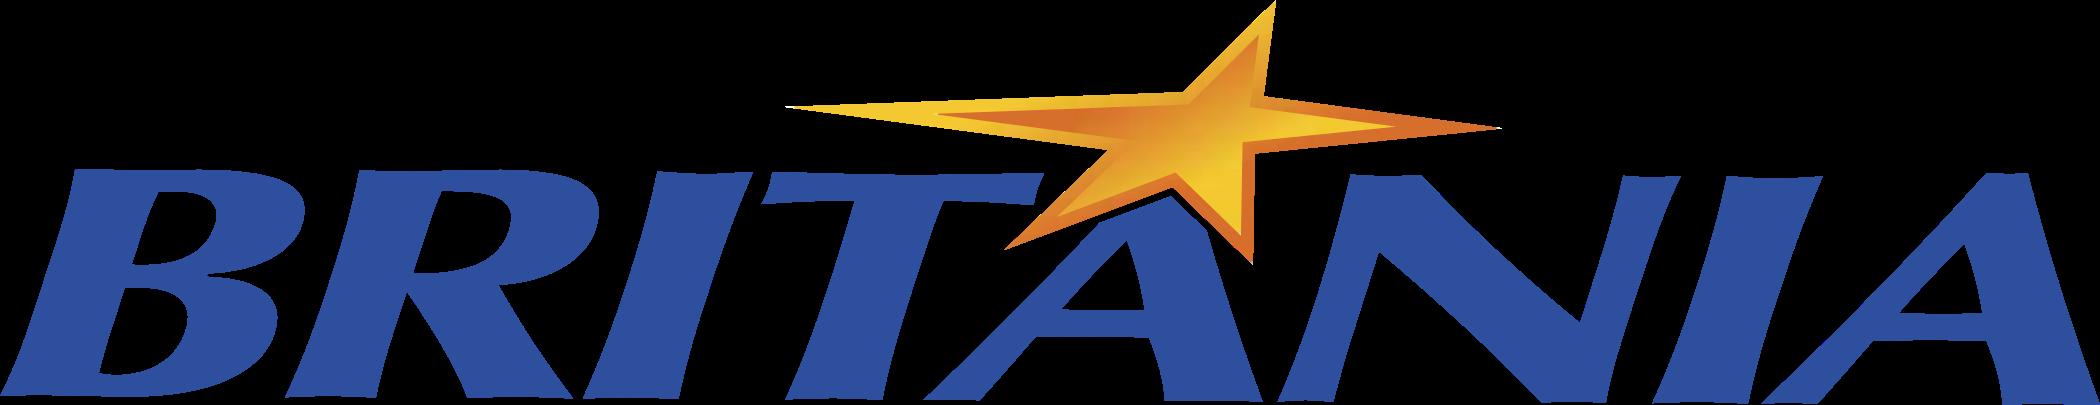 britania logo 2 - Britânia Eletrodomésticos Logo